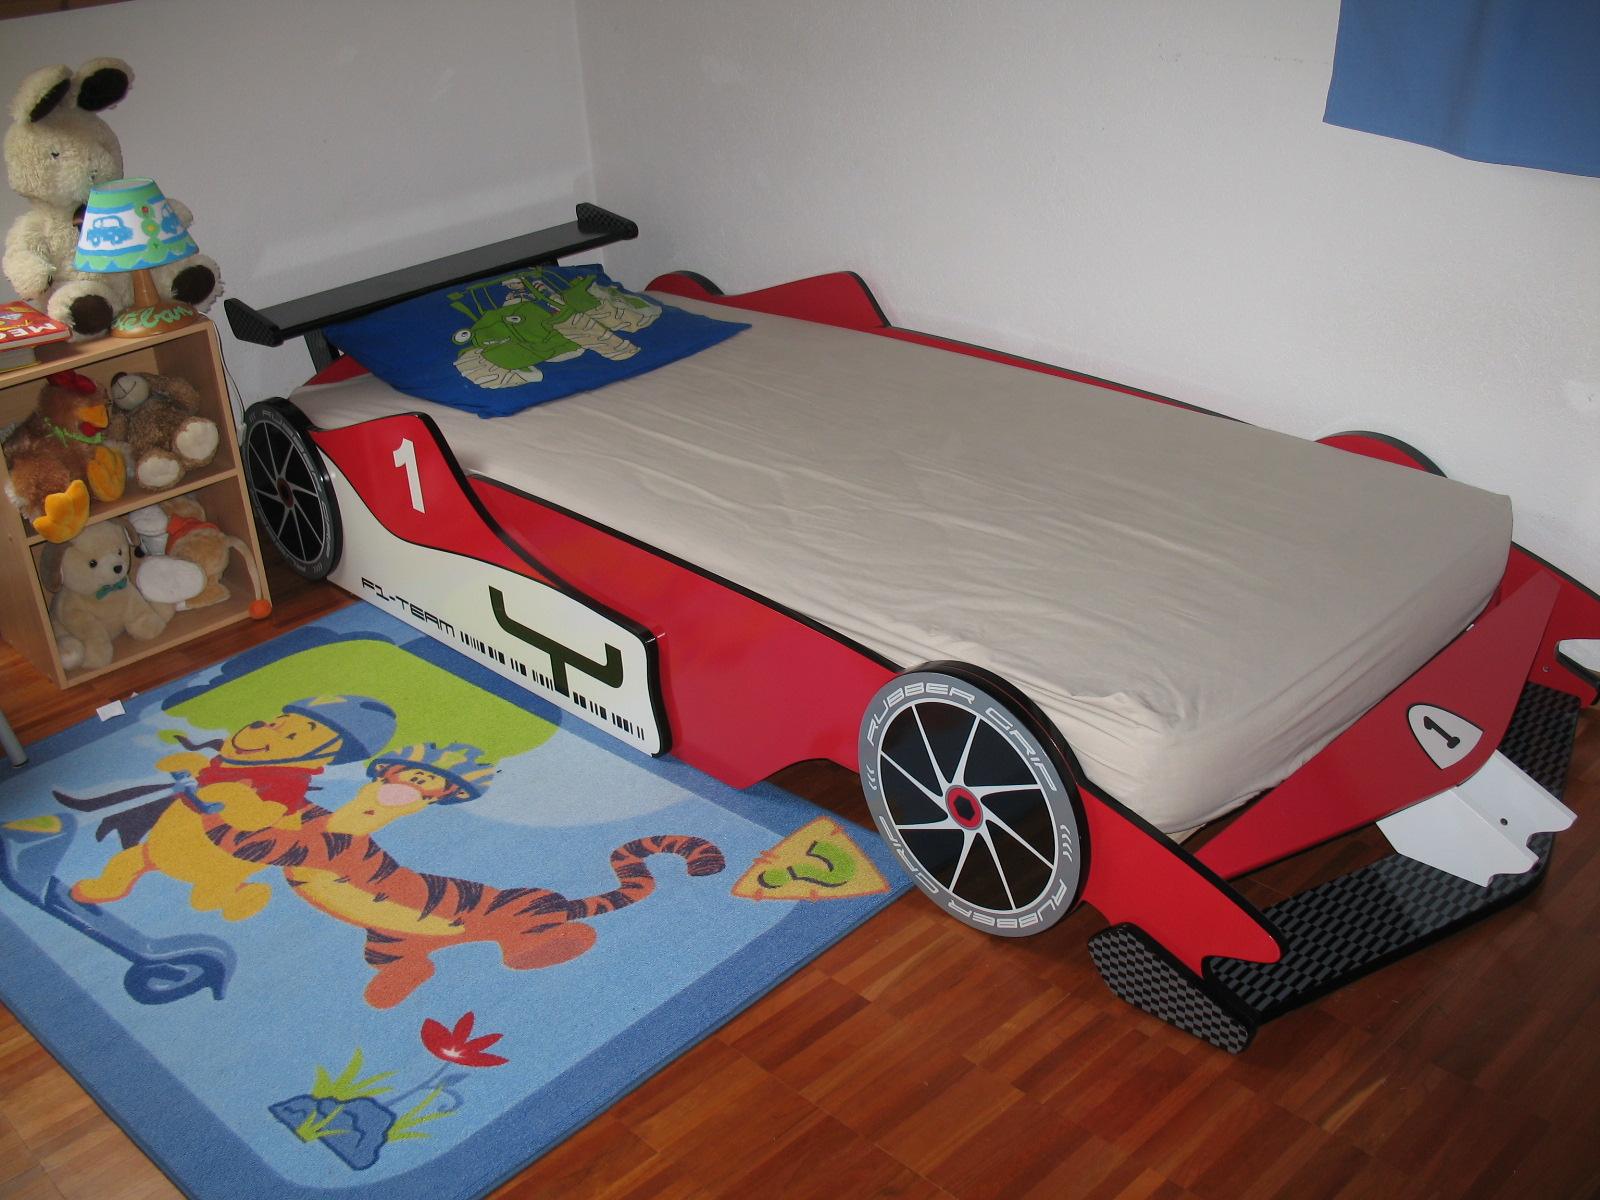 je vais aller tr s tr s vite dormir dans ce lit f1 non. Black Bedroom Furniture Sets. Home Design Ideas